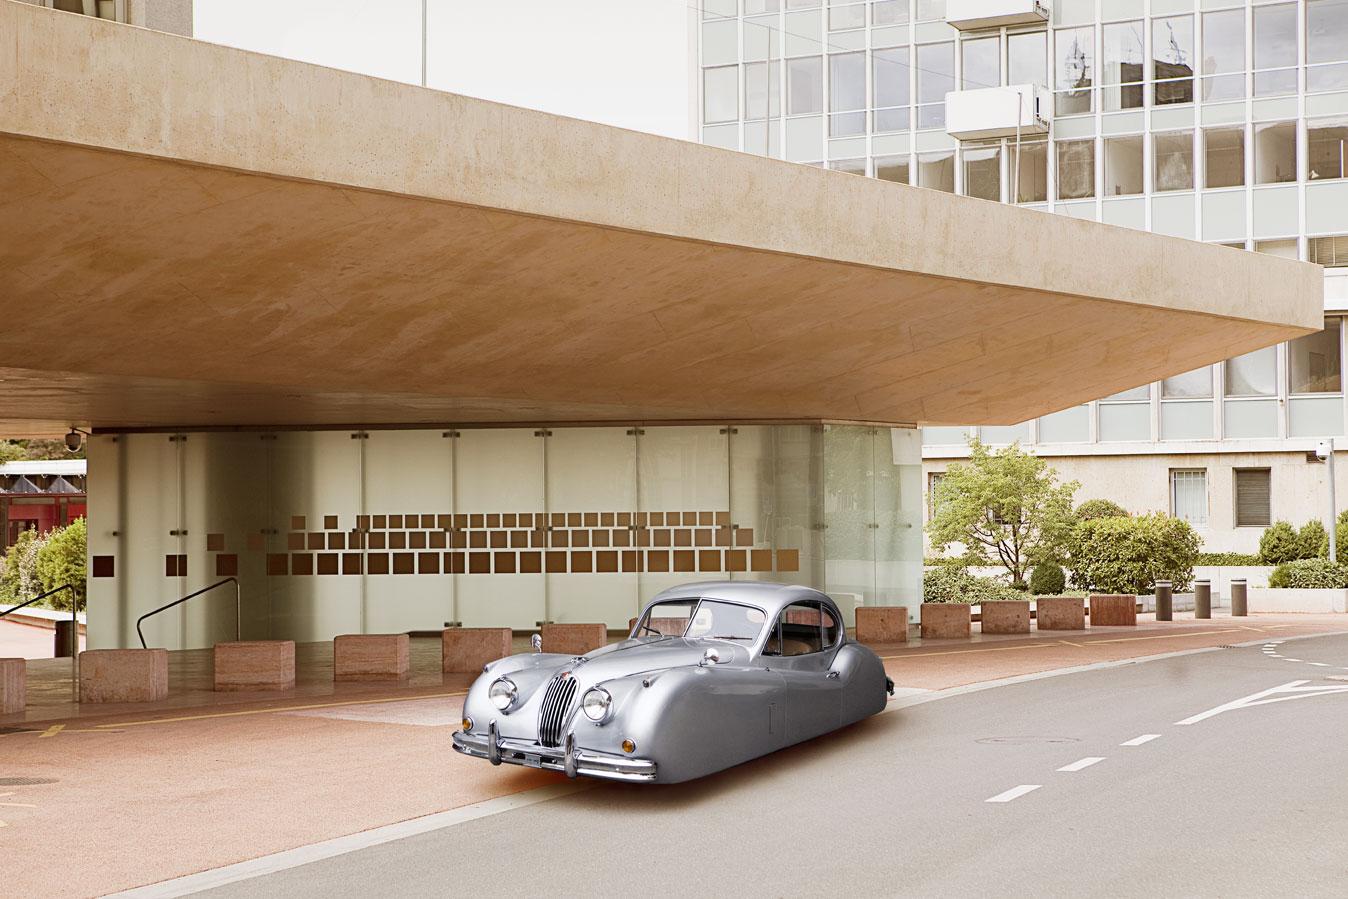 Fotógrafo imaginou o luxuoso Jaguar XK120 em versão flutuante (Foto: Divulgação /Renaud Marion)